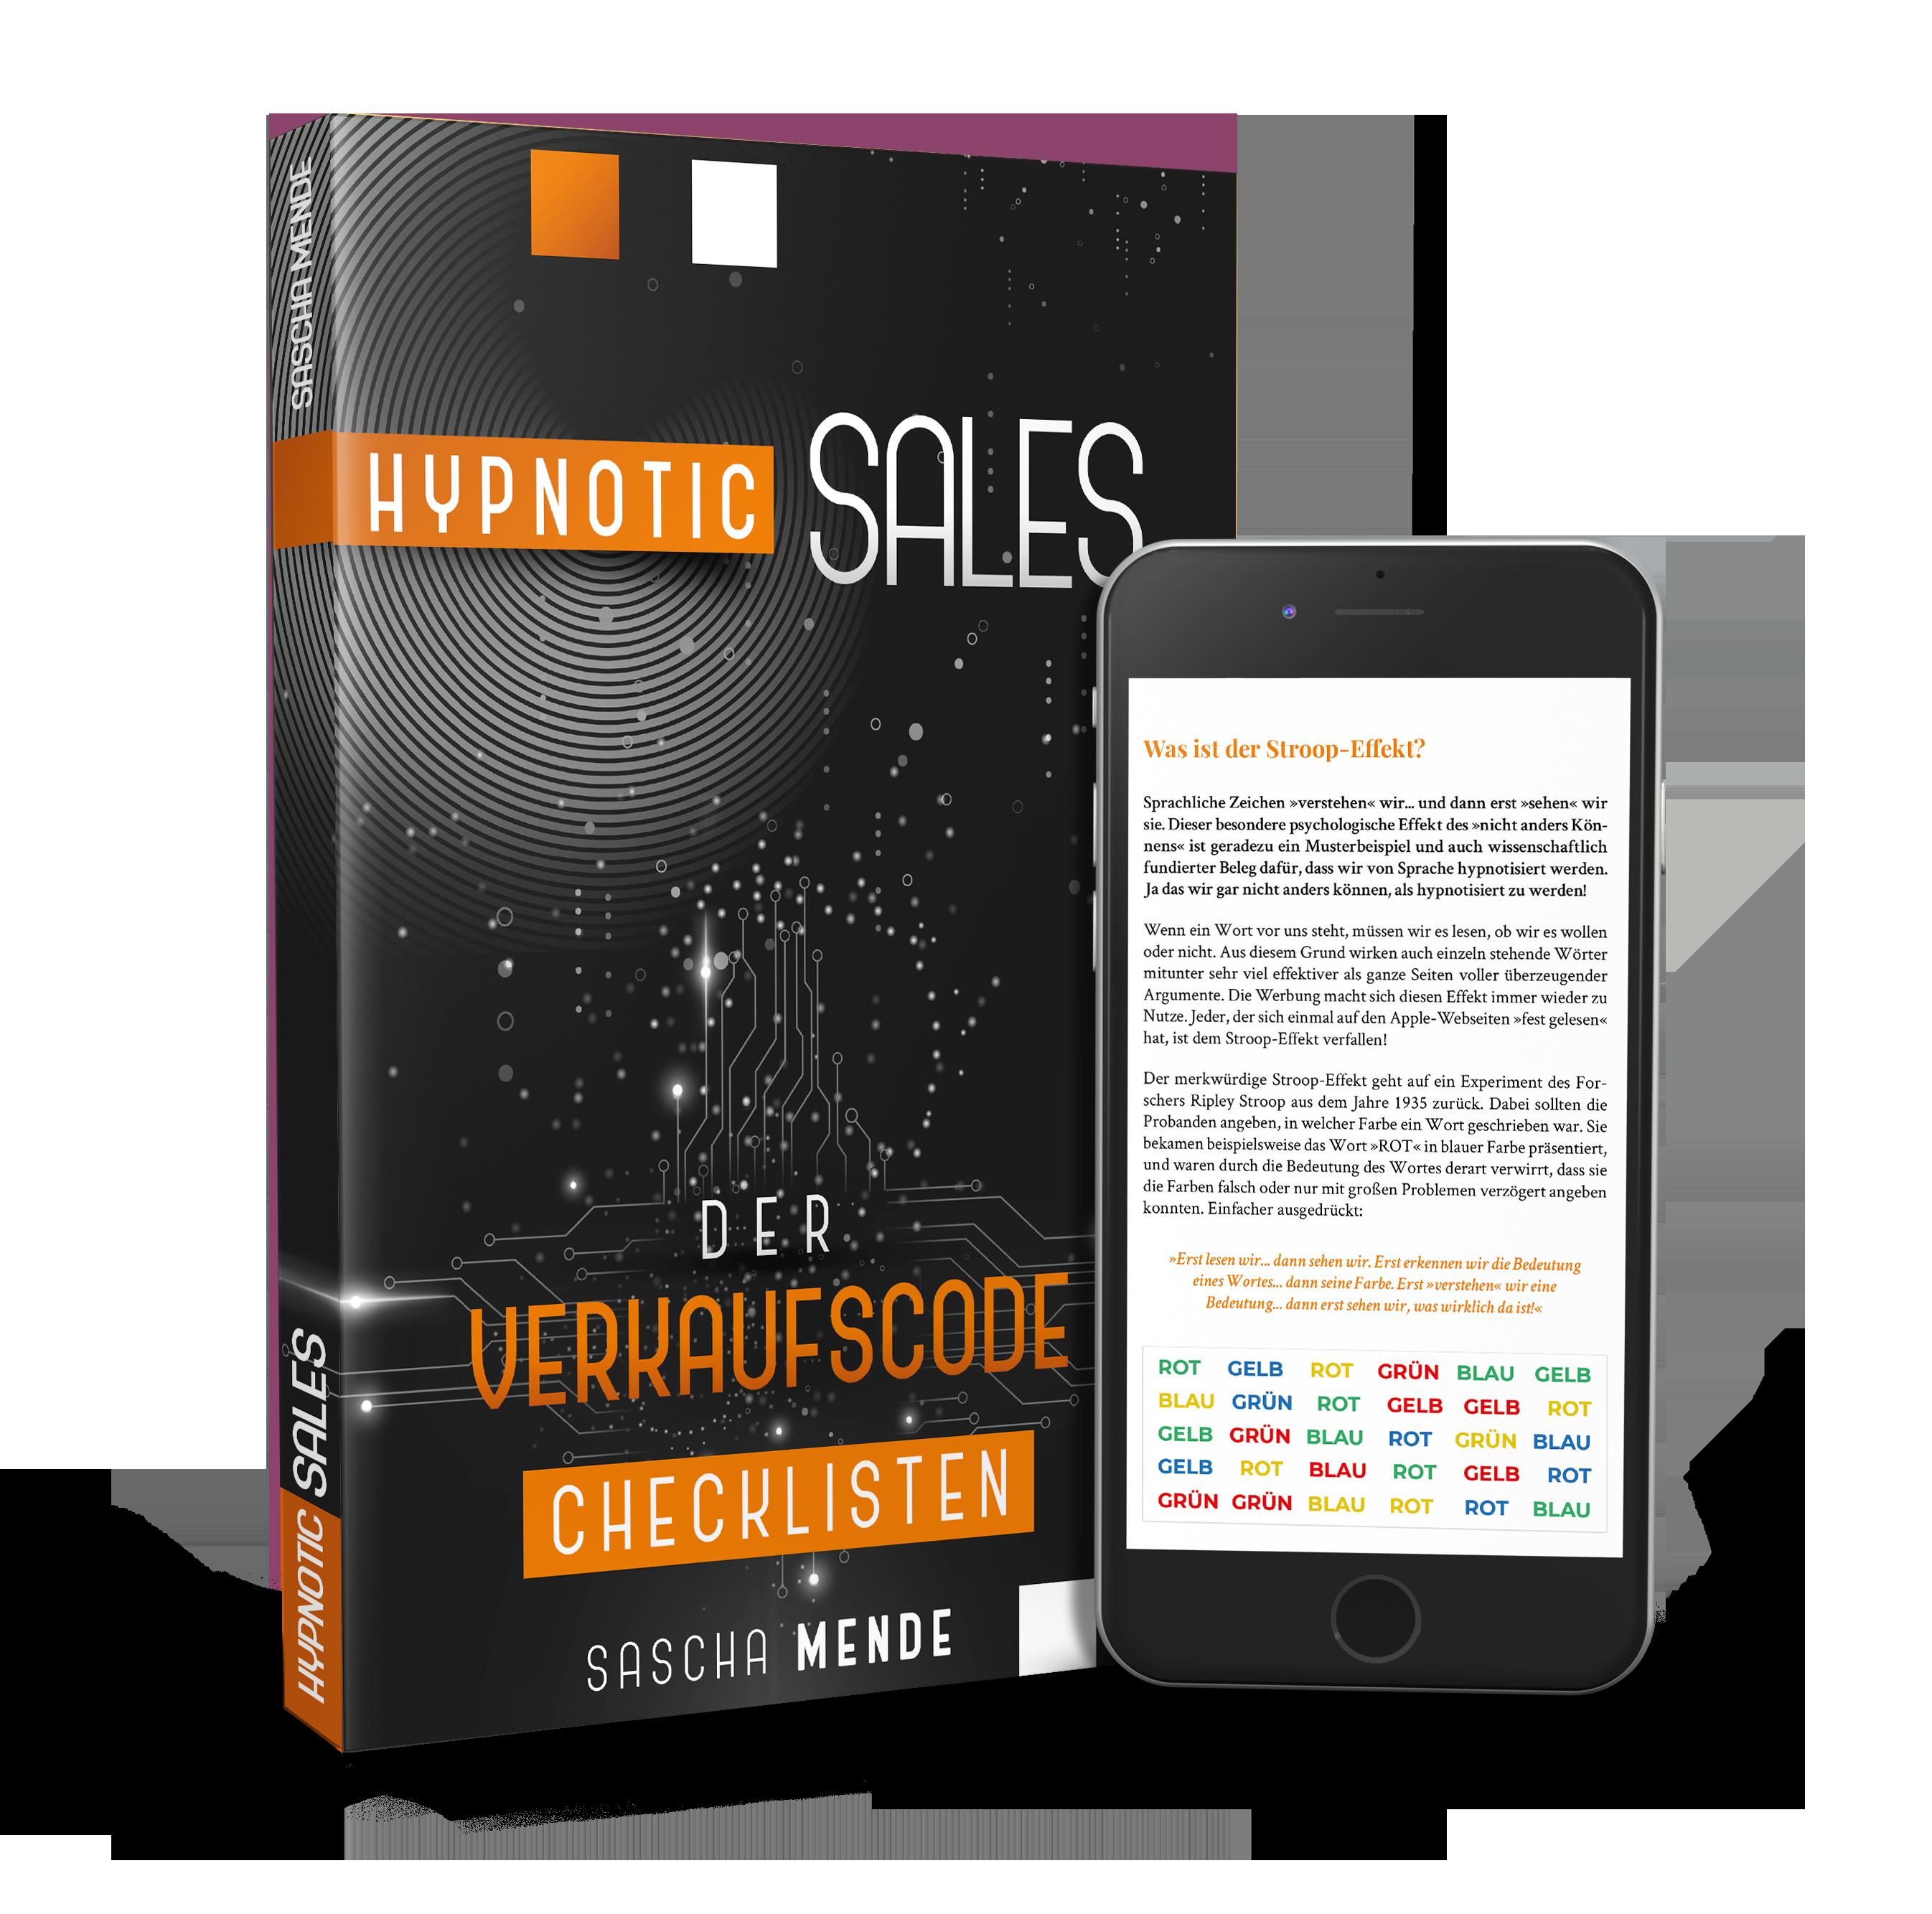 Hypnotic Sales